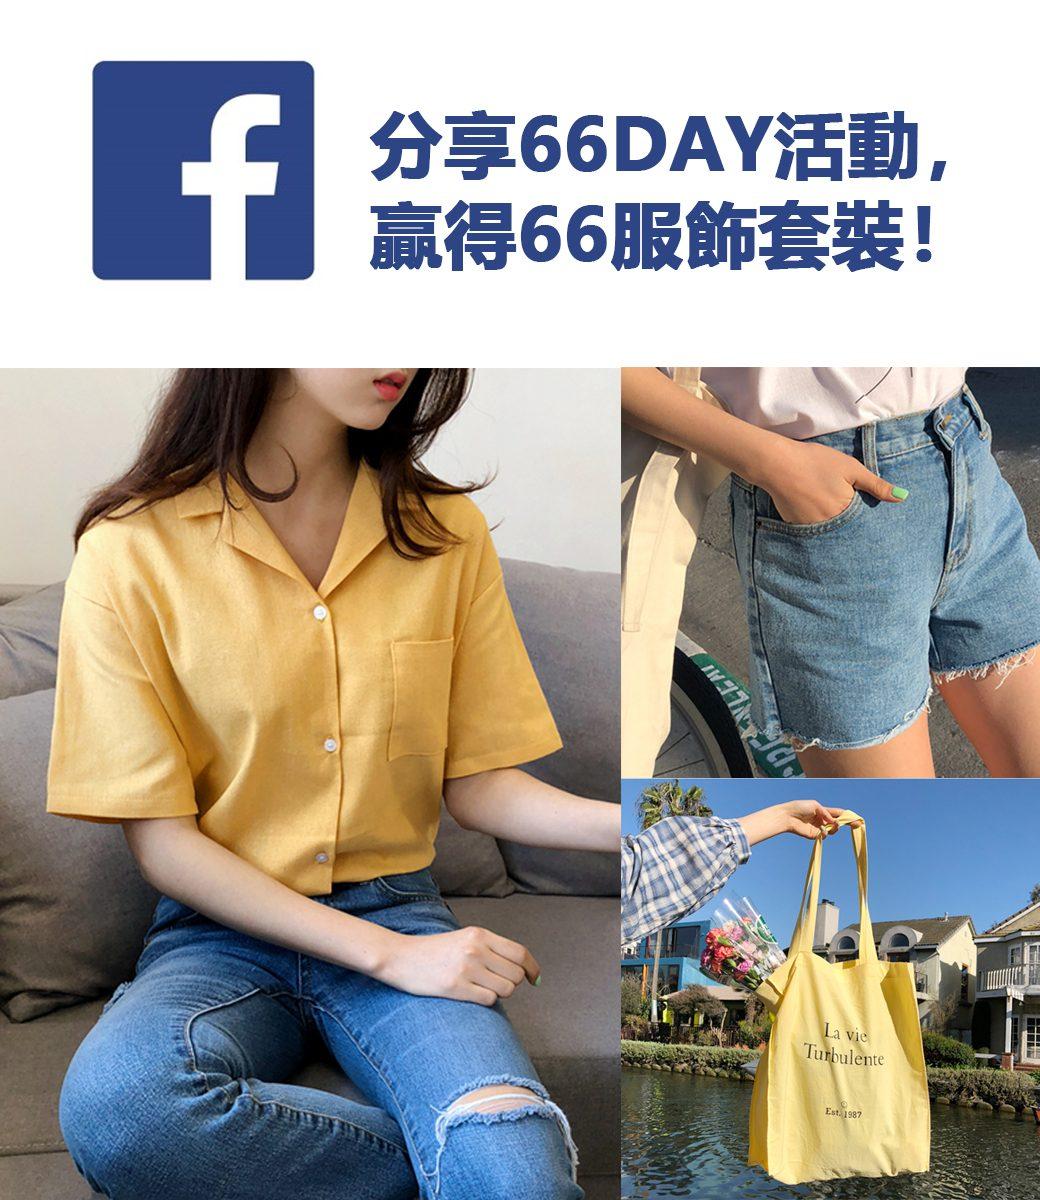 最後就是一個不用花錢的概念,只要你在Facebook分享66DAY活動,就有機會拿到66服飾套裝,你沒看錯,是一整套啊!這樣算下來也是賺了1000元以上了吧?你們不參加摩登少女真的會揪小編們把它搶完喔XDD